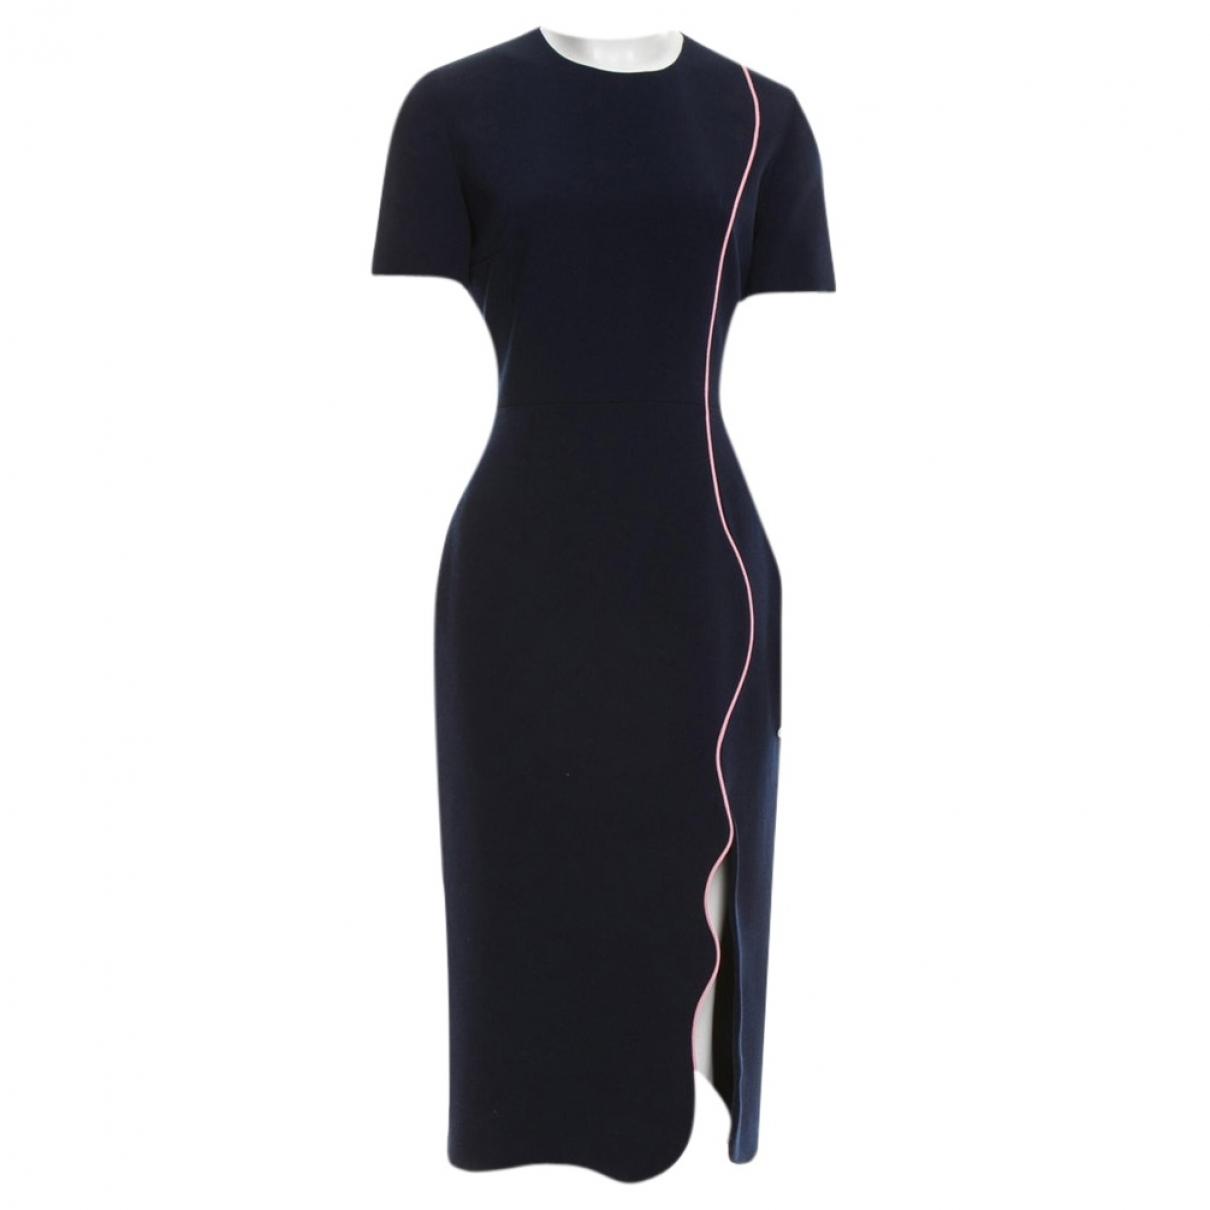 Roksanda \N Navy dress for Women 8 UK